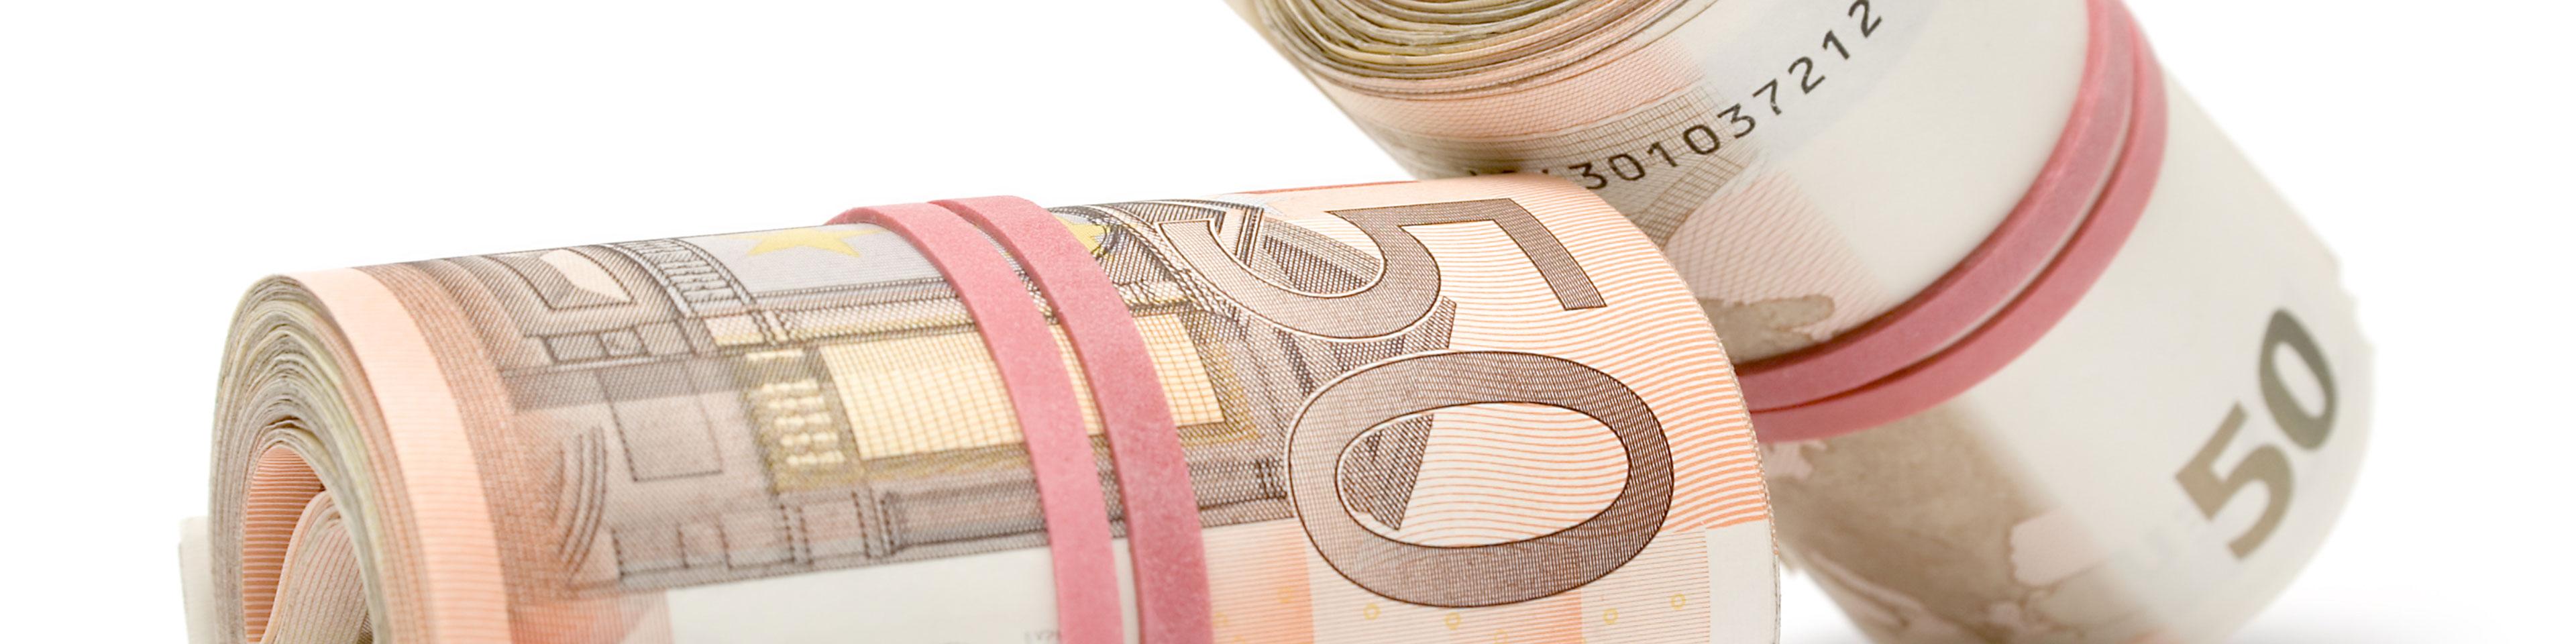 Överkurs vid nyemission – nu möjligt att klassificera som bundet eget kapital